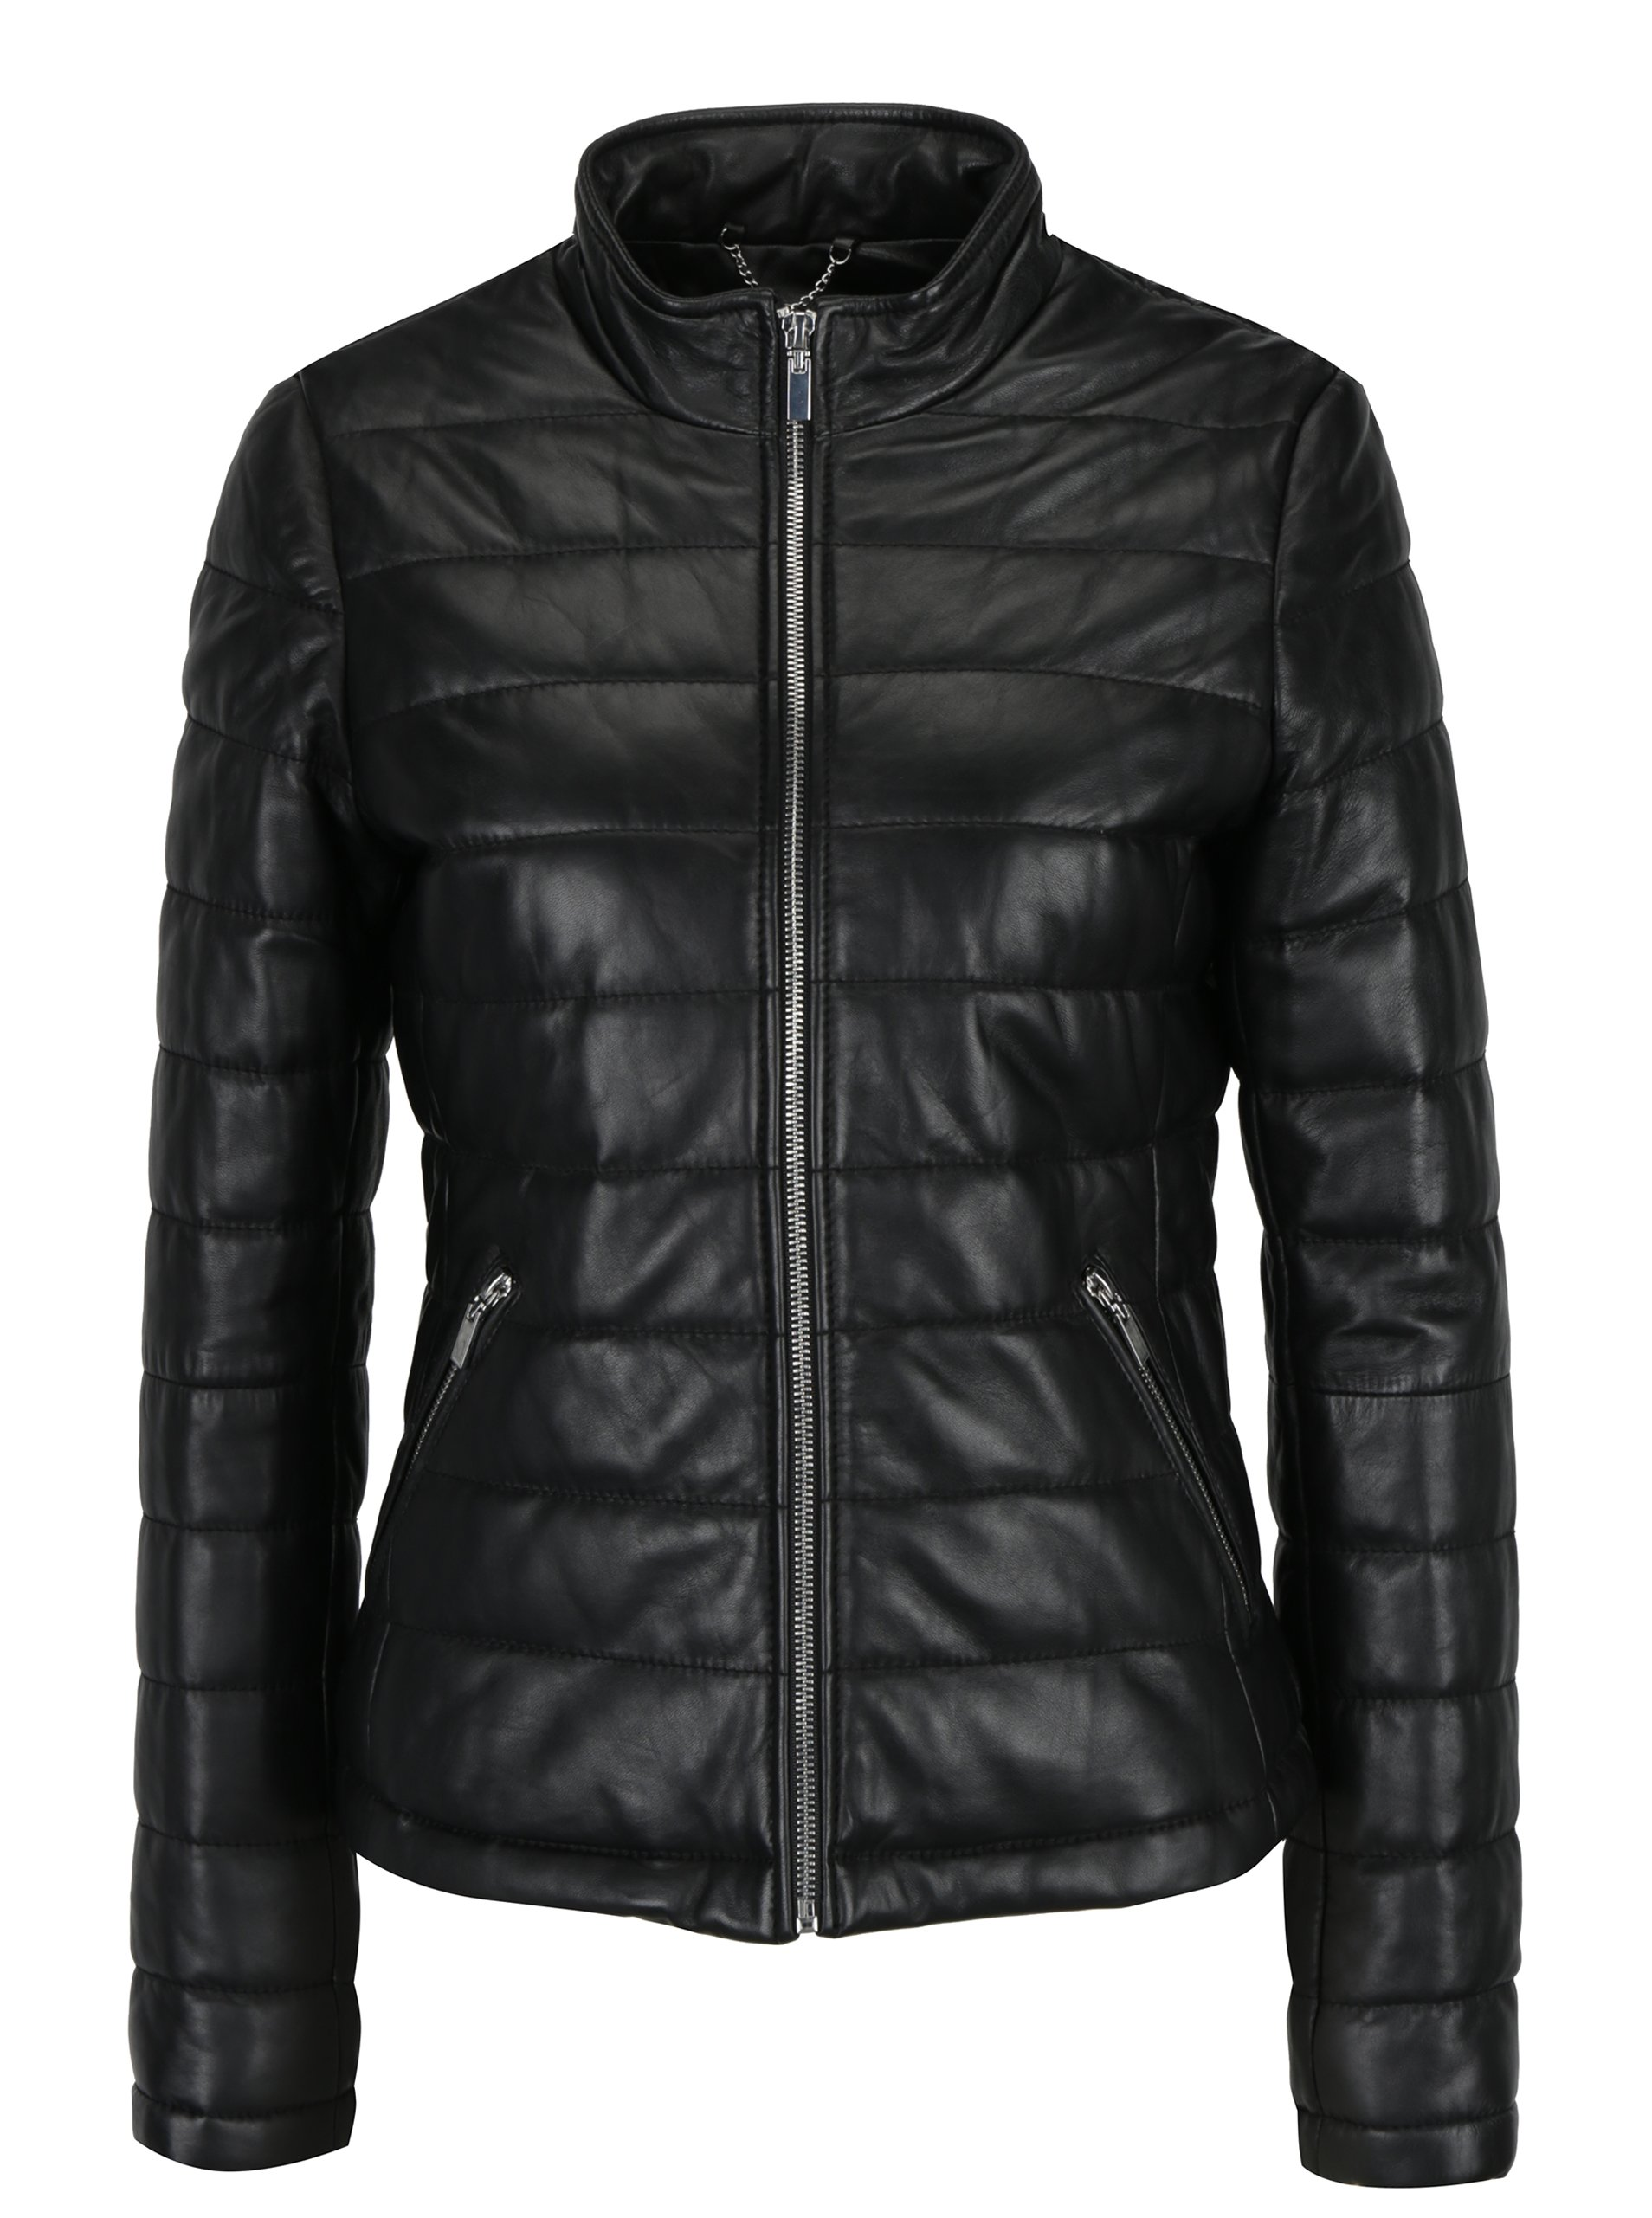 Černá dámská kožená bunda s prošíváním KARA Clamar